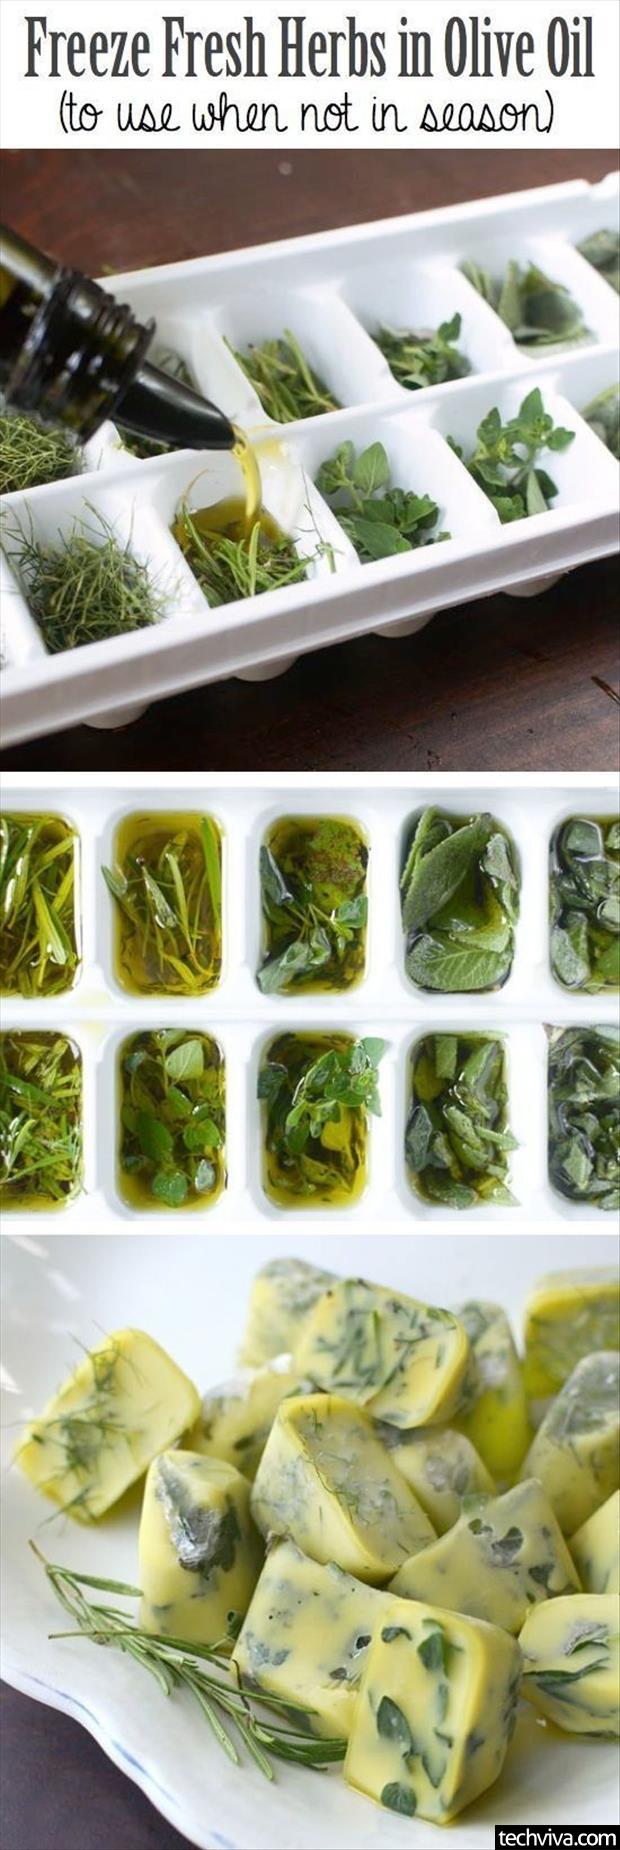 using-herbs-when-not-in-season